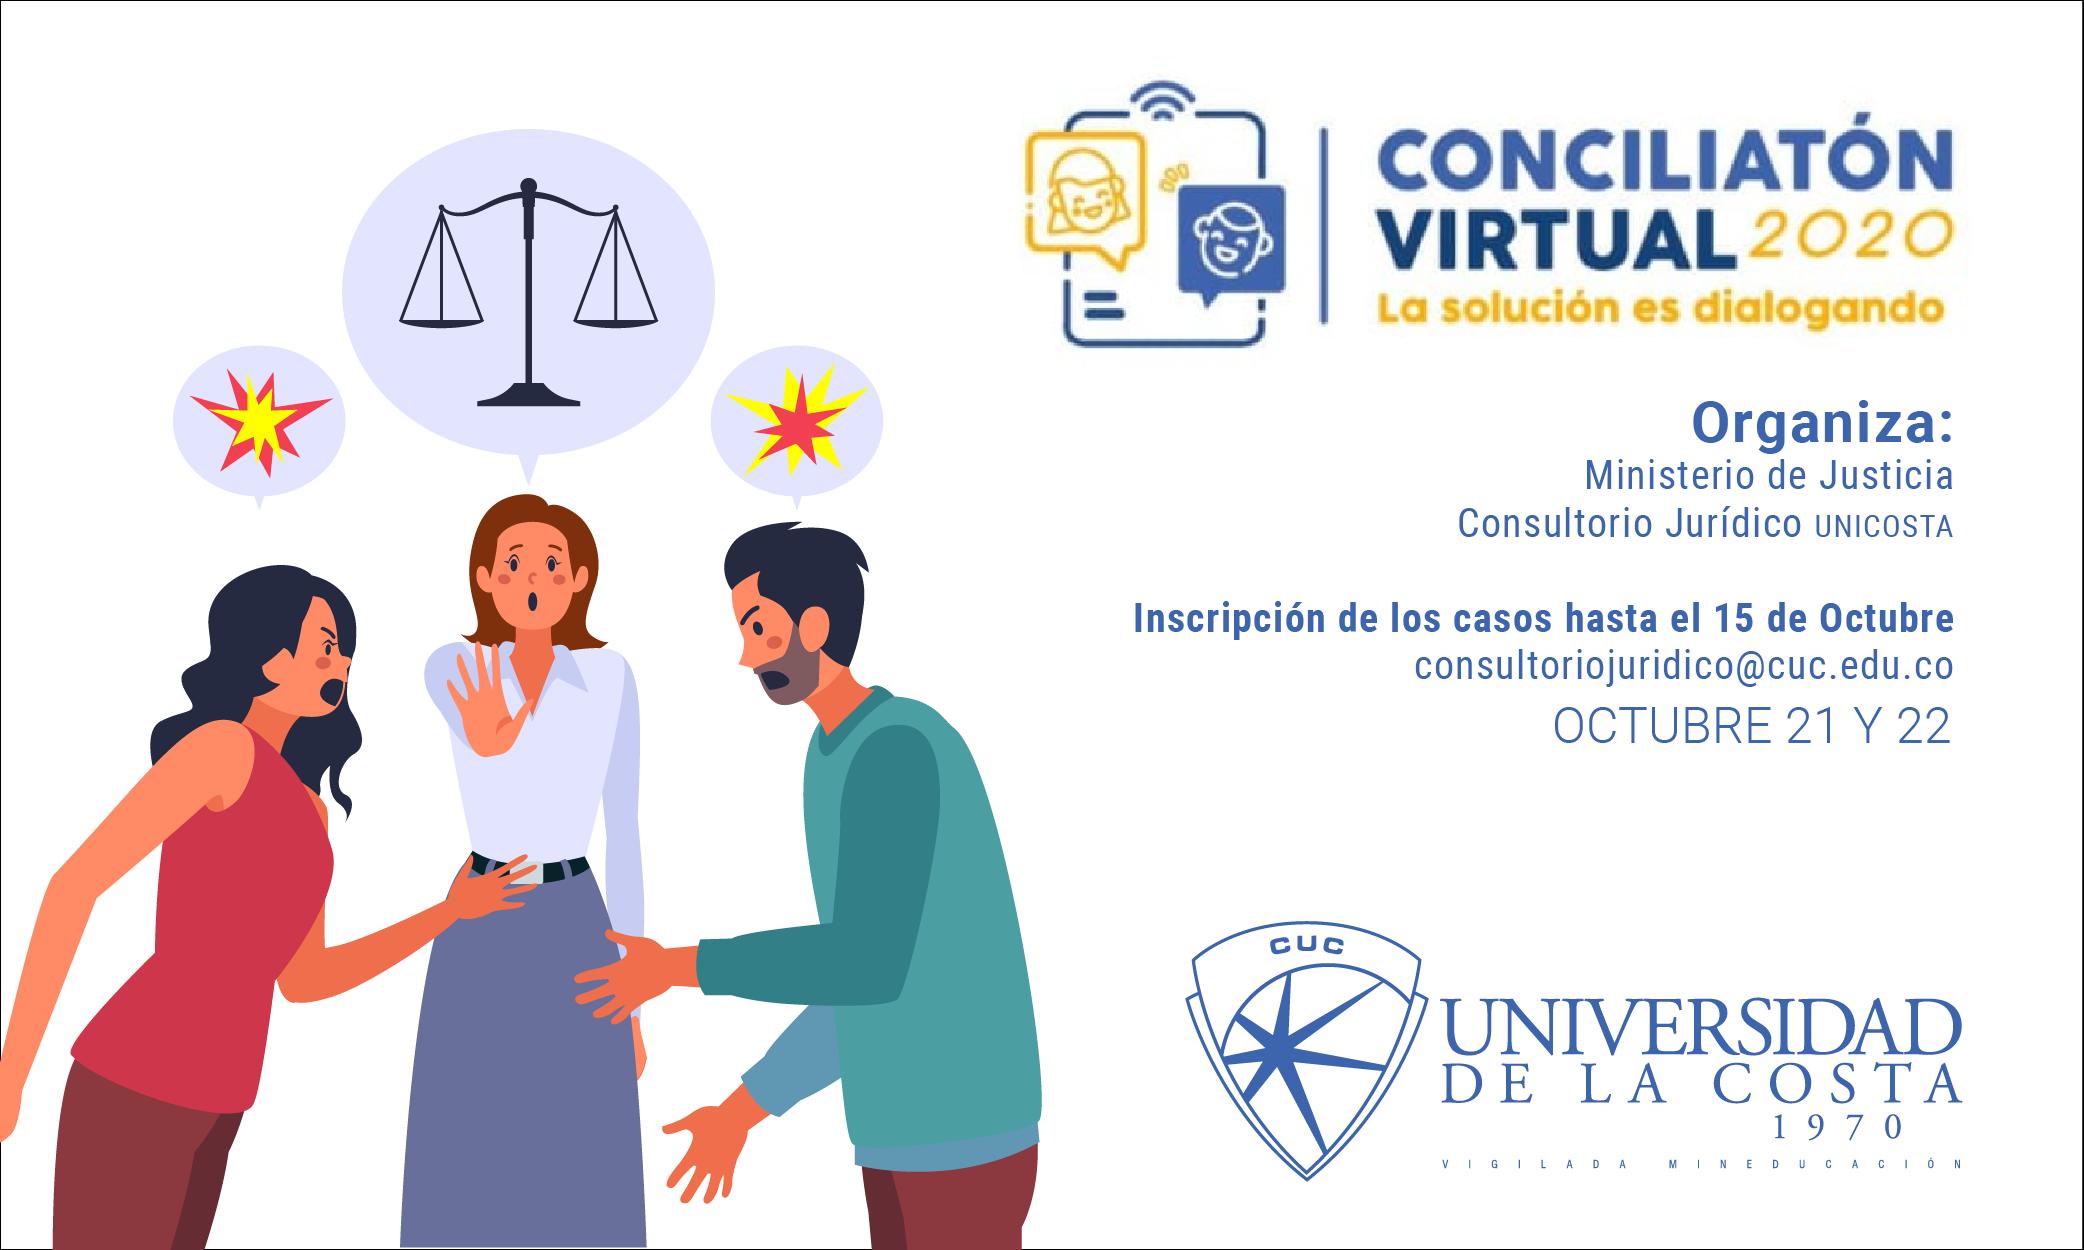 Conciliaton virtual 2020